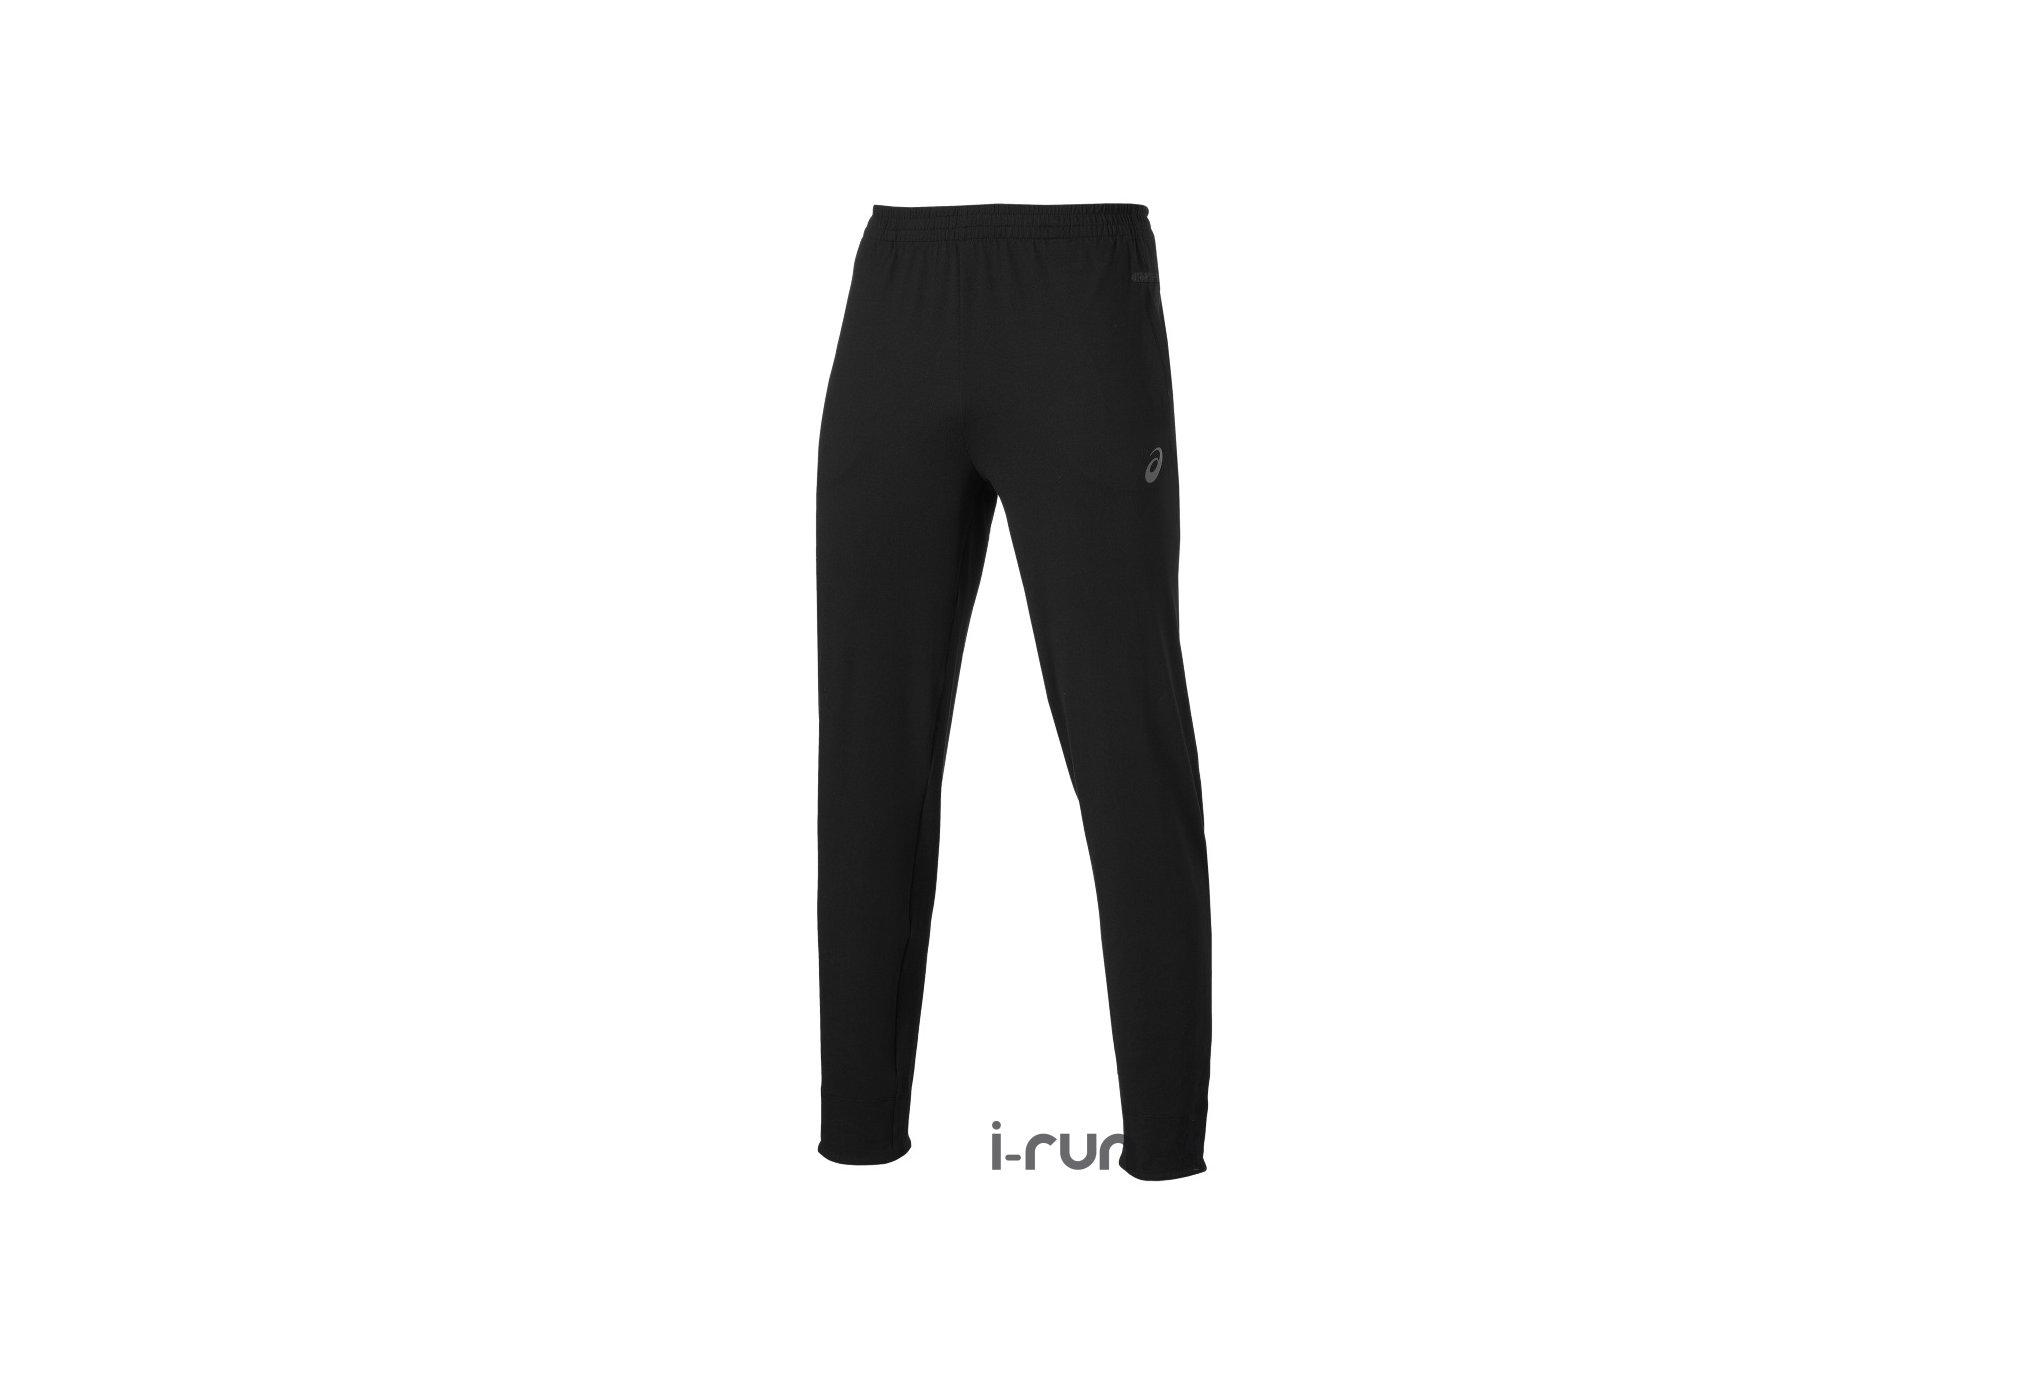 Cyclo randonneurs saint chamonais - Asics Pantalon Knit M vêtement ... 942588ea47a0